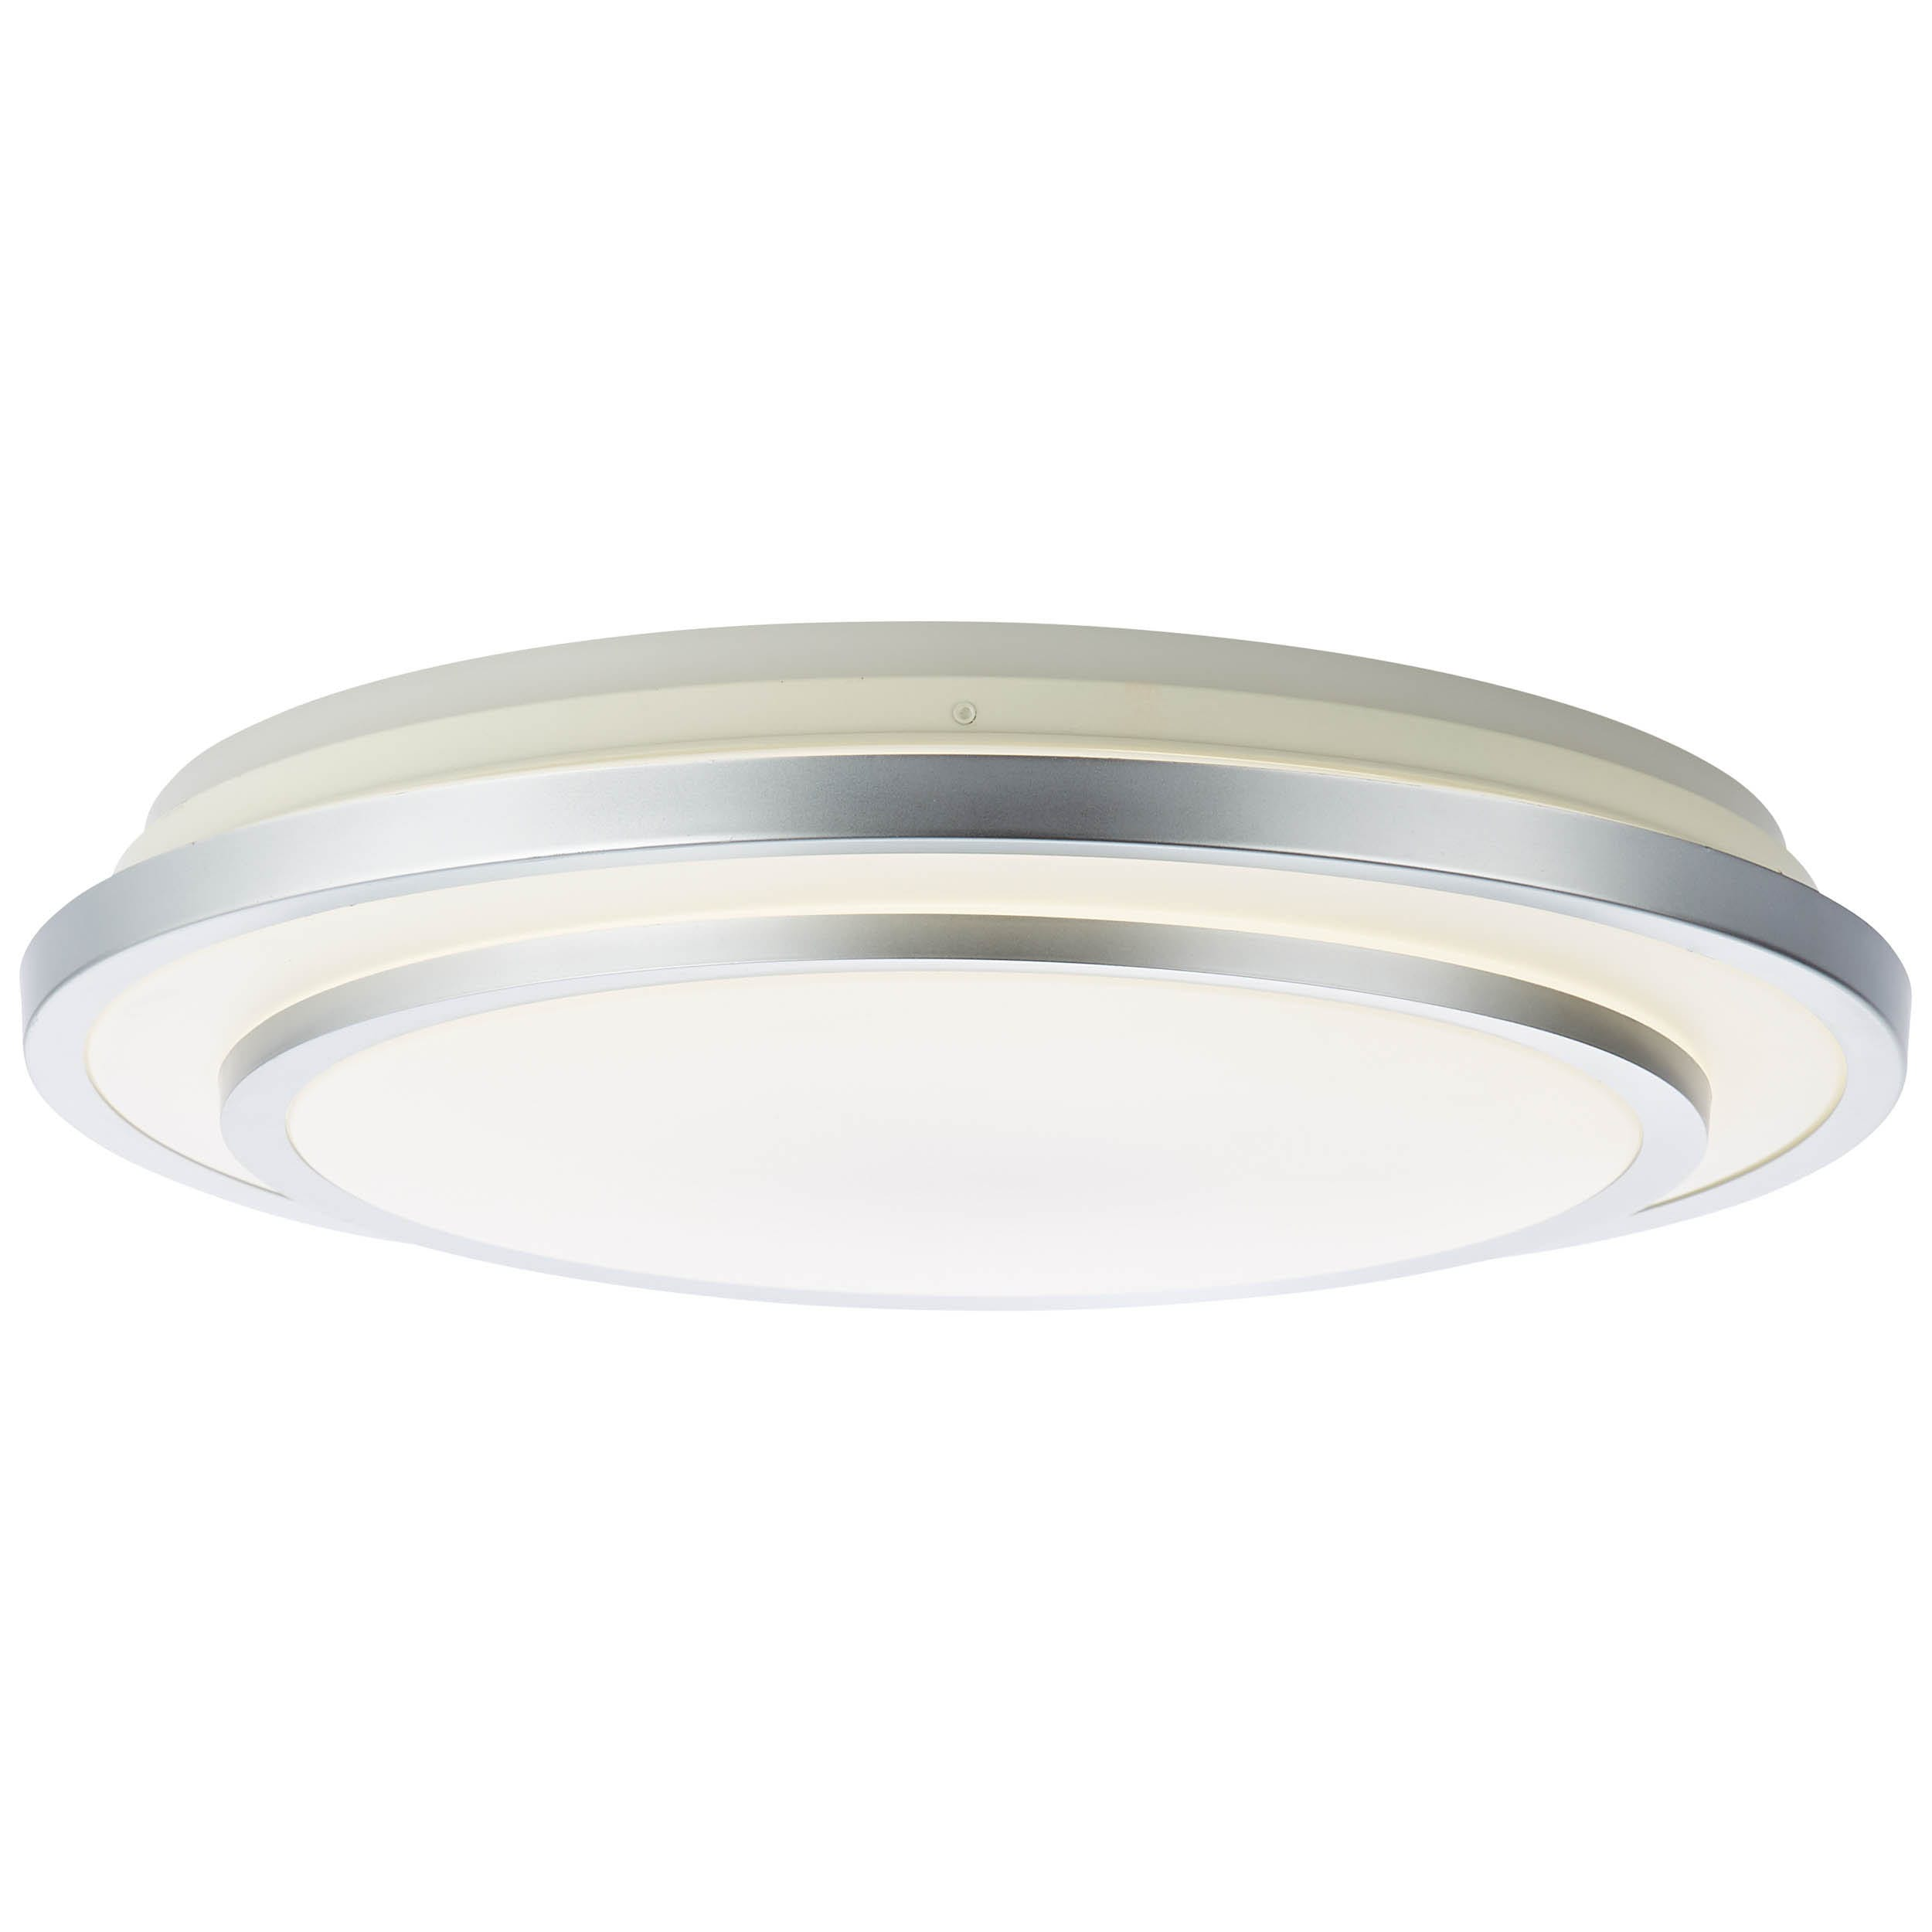 Brilliant Leuchten Vilma LED Deckenleuchte 52cm weiß-silber